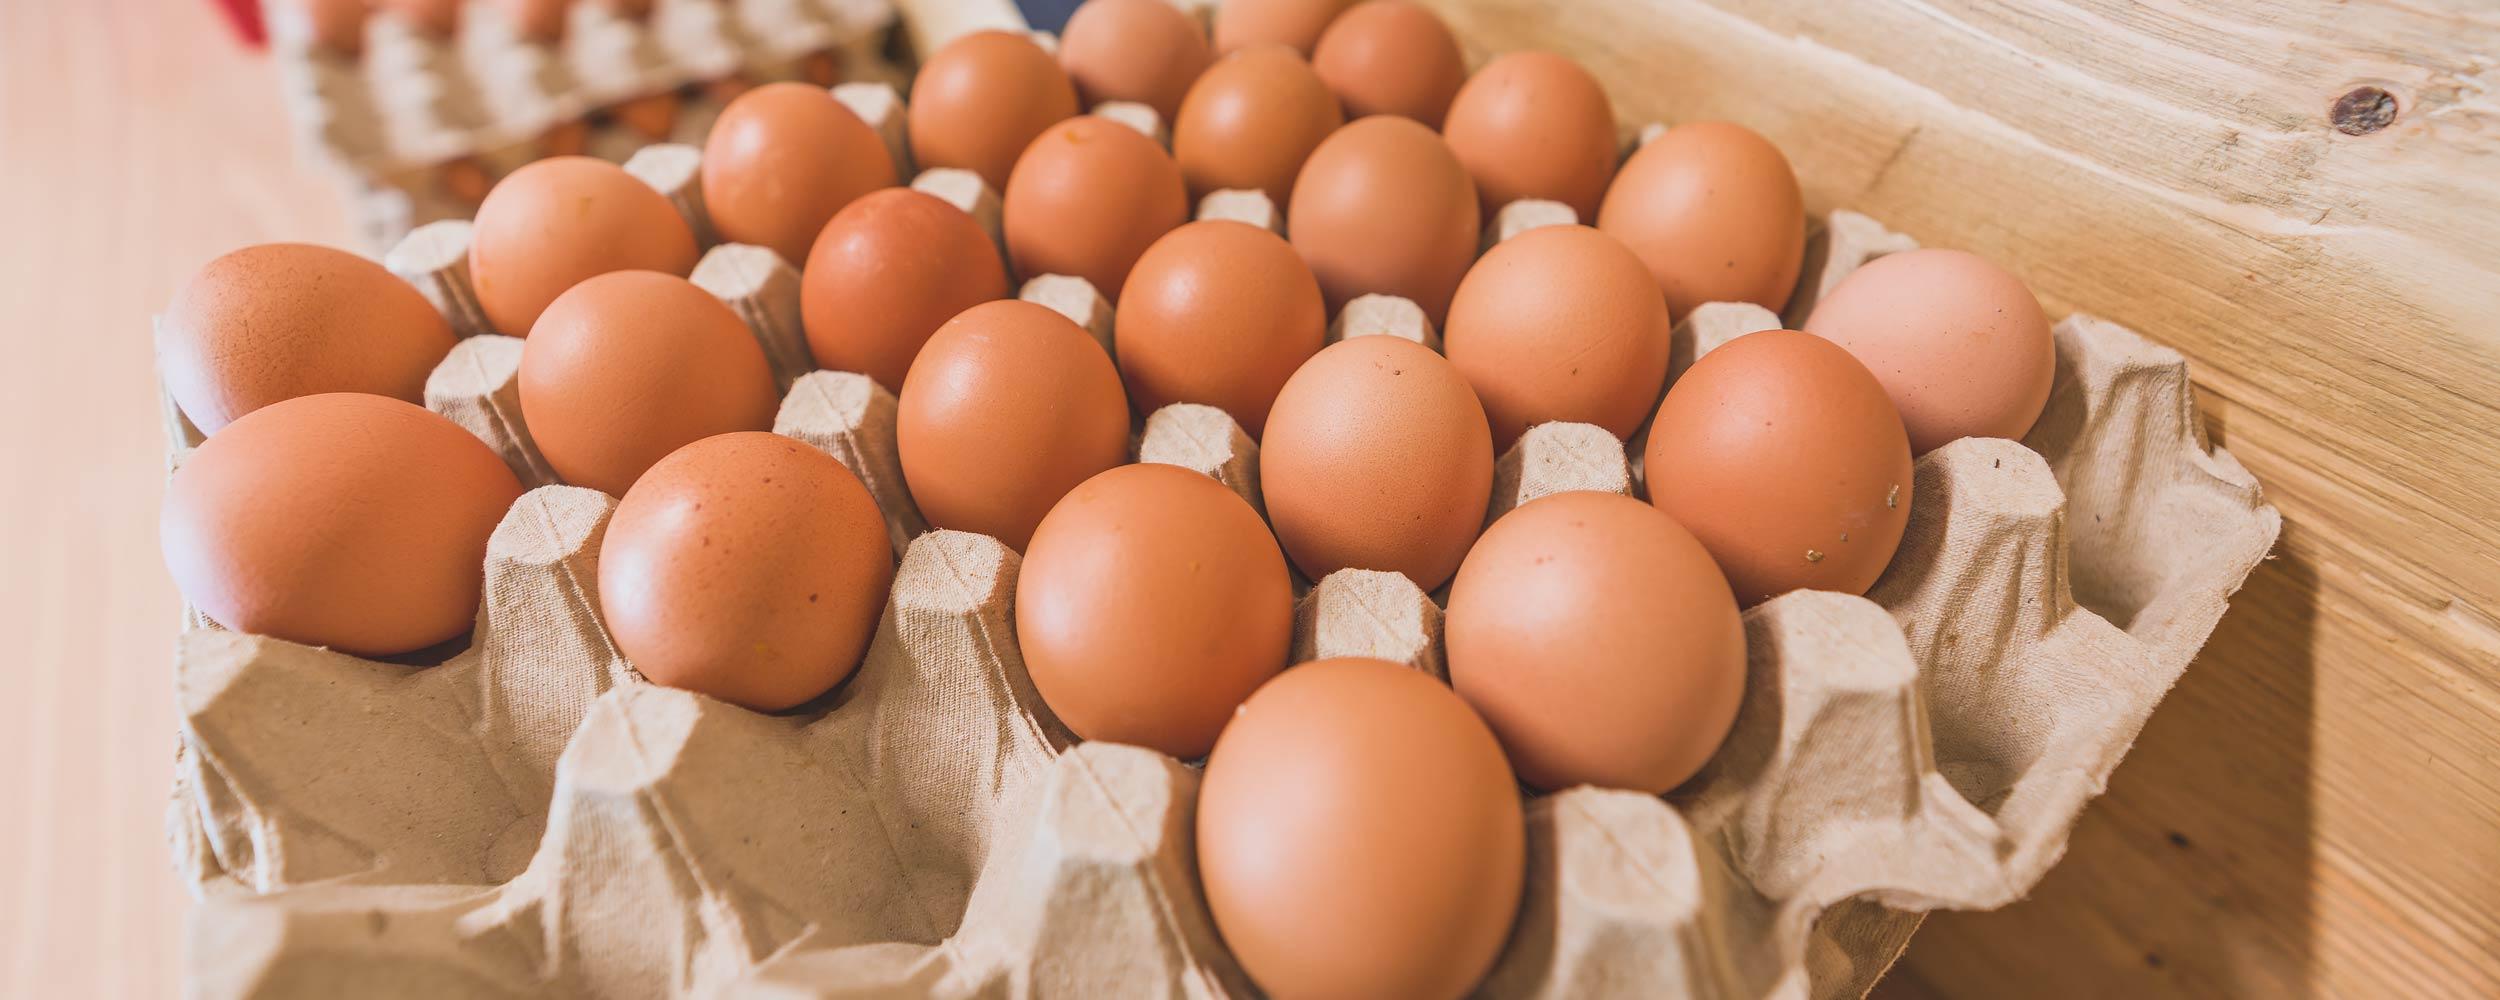 Eier im Hofladen